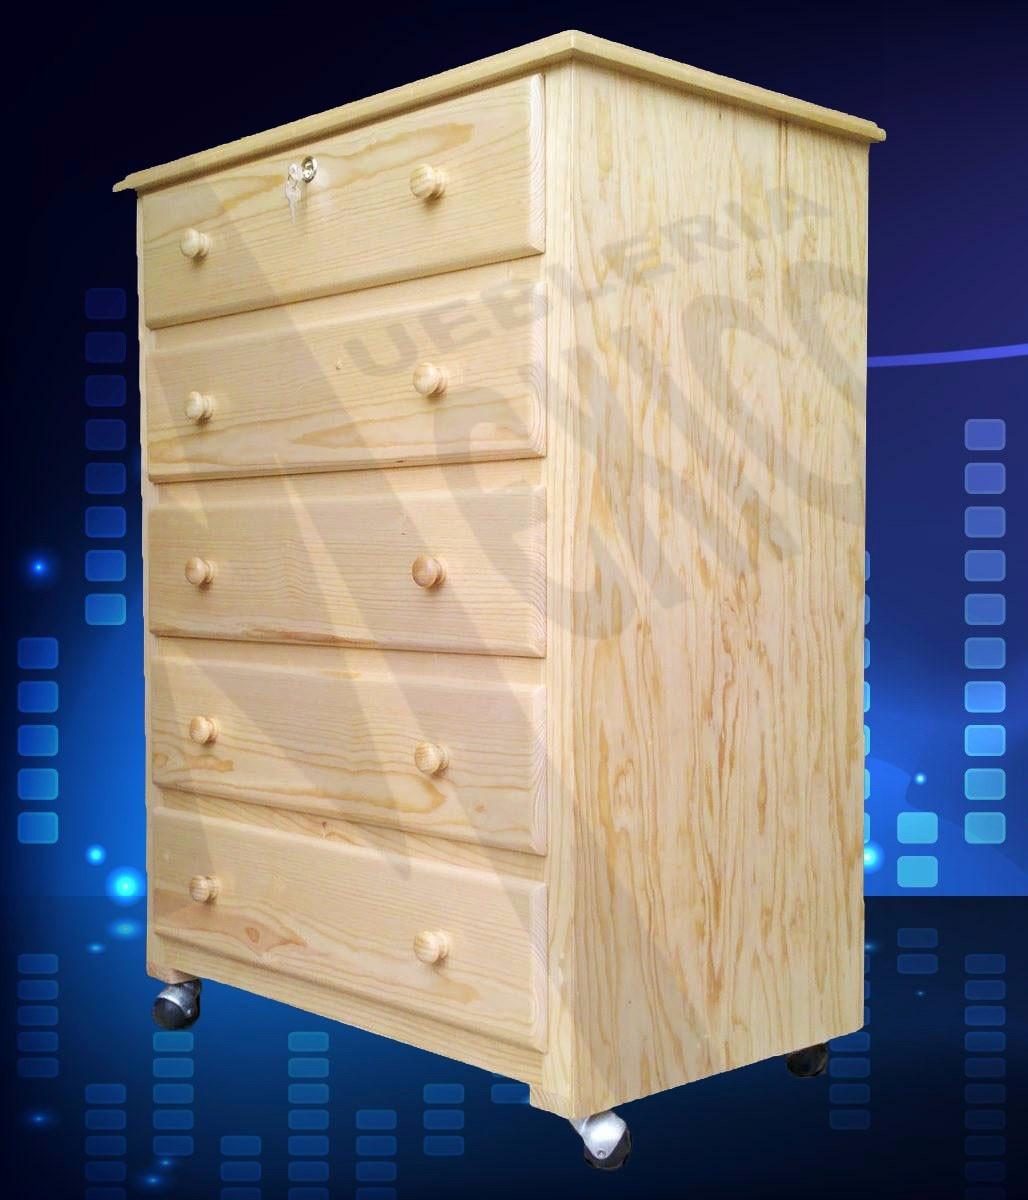 Cajonera d madera natural de pino rodajas 5 cajones y barniz 2 en mercado libre - Madera de pino ...